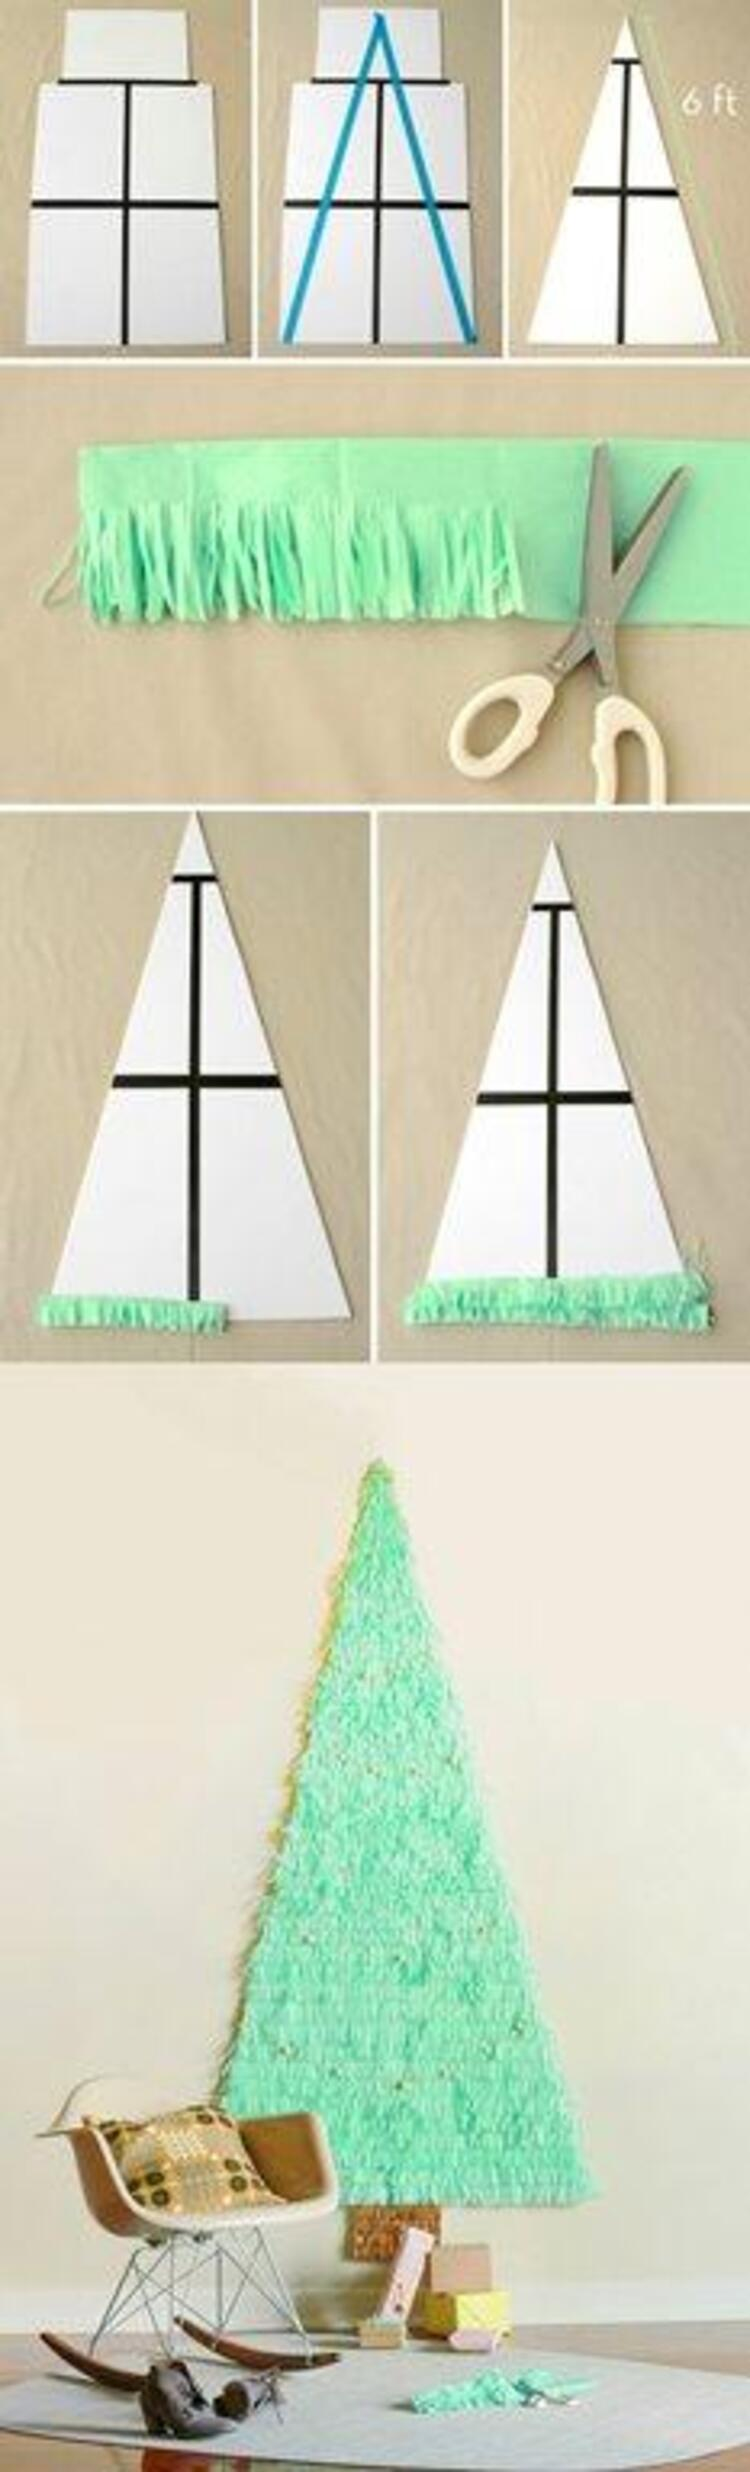 Ağaç almakla kim uğraşır ya diye düşünüyorsanız, kağıtlarla duvarınıza kocaman bir ağaç yapabilirsiniz.